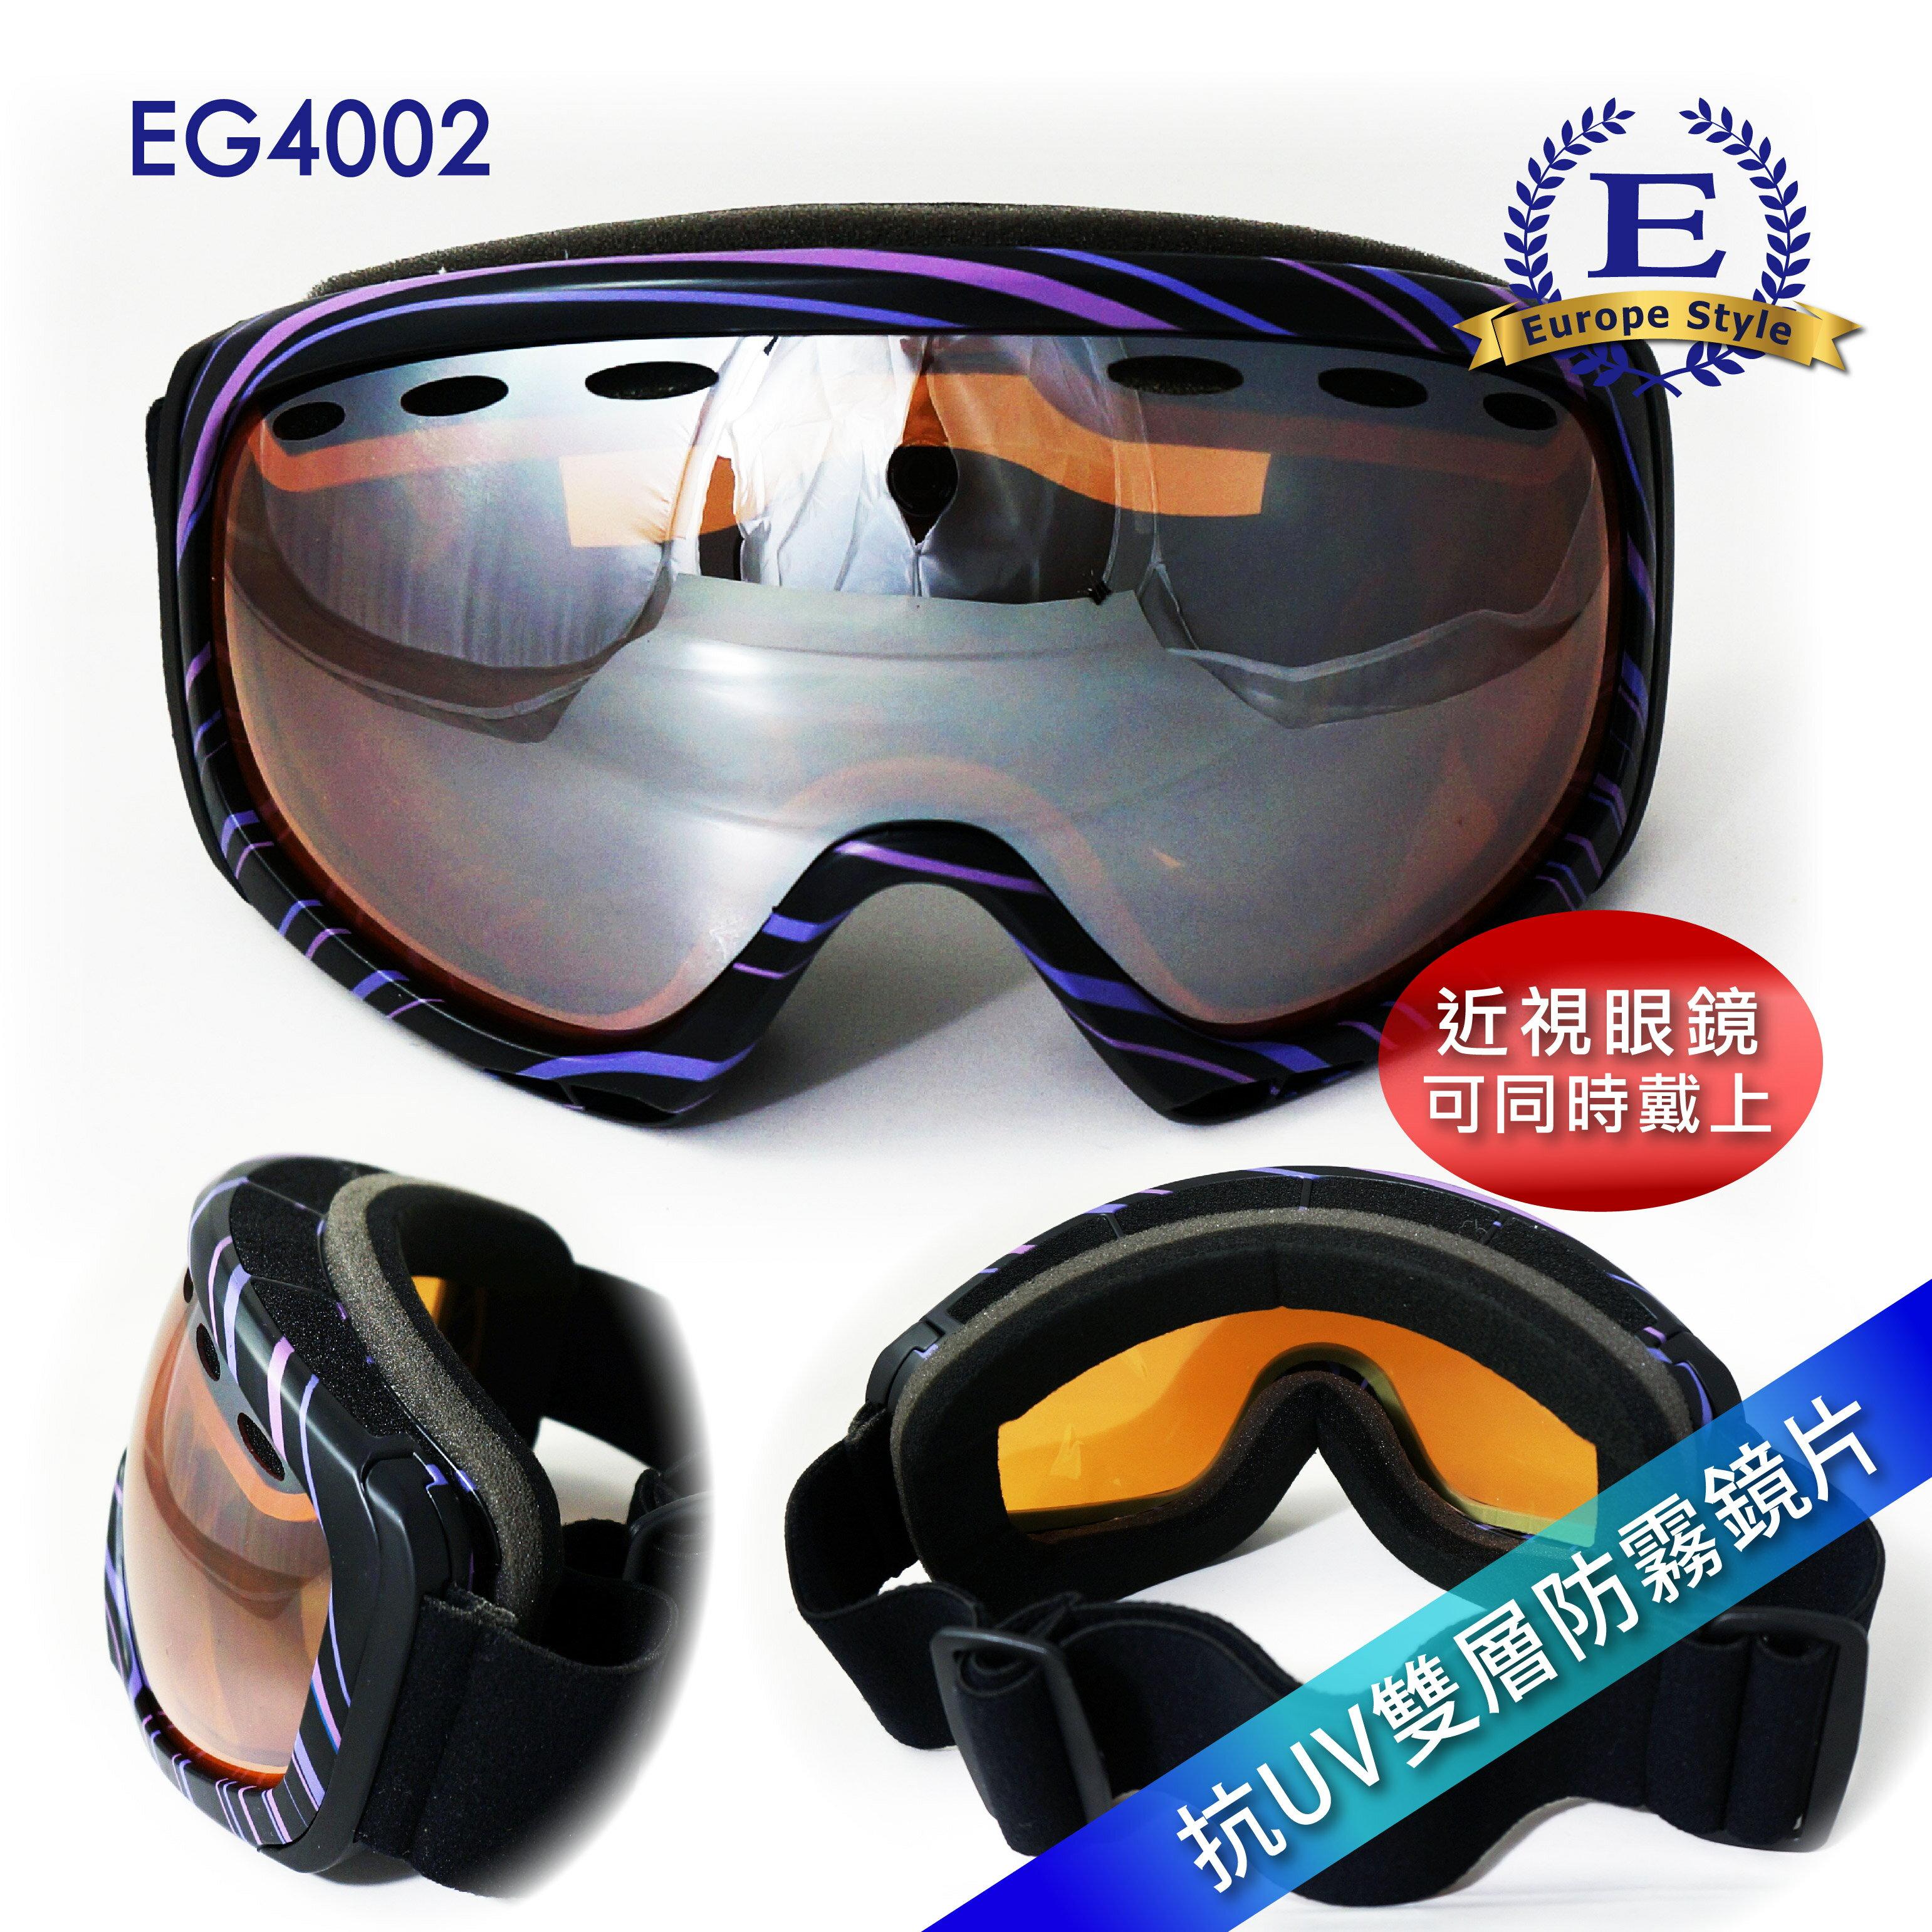 【歐風天地】滑雪防風眼鏡 EG4002防霧雙層片 滑雪眼鏡 滑雪護目鏡 防風眼鏡 單車 機車 眼鏡 運動太陽眼鏡 防風眼鏡 運動眼鏡 自行車眼鏡 生存游戲 野外 戶外用品 登山